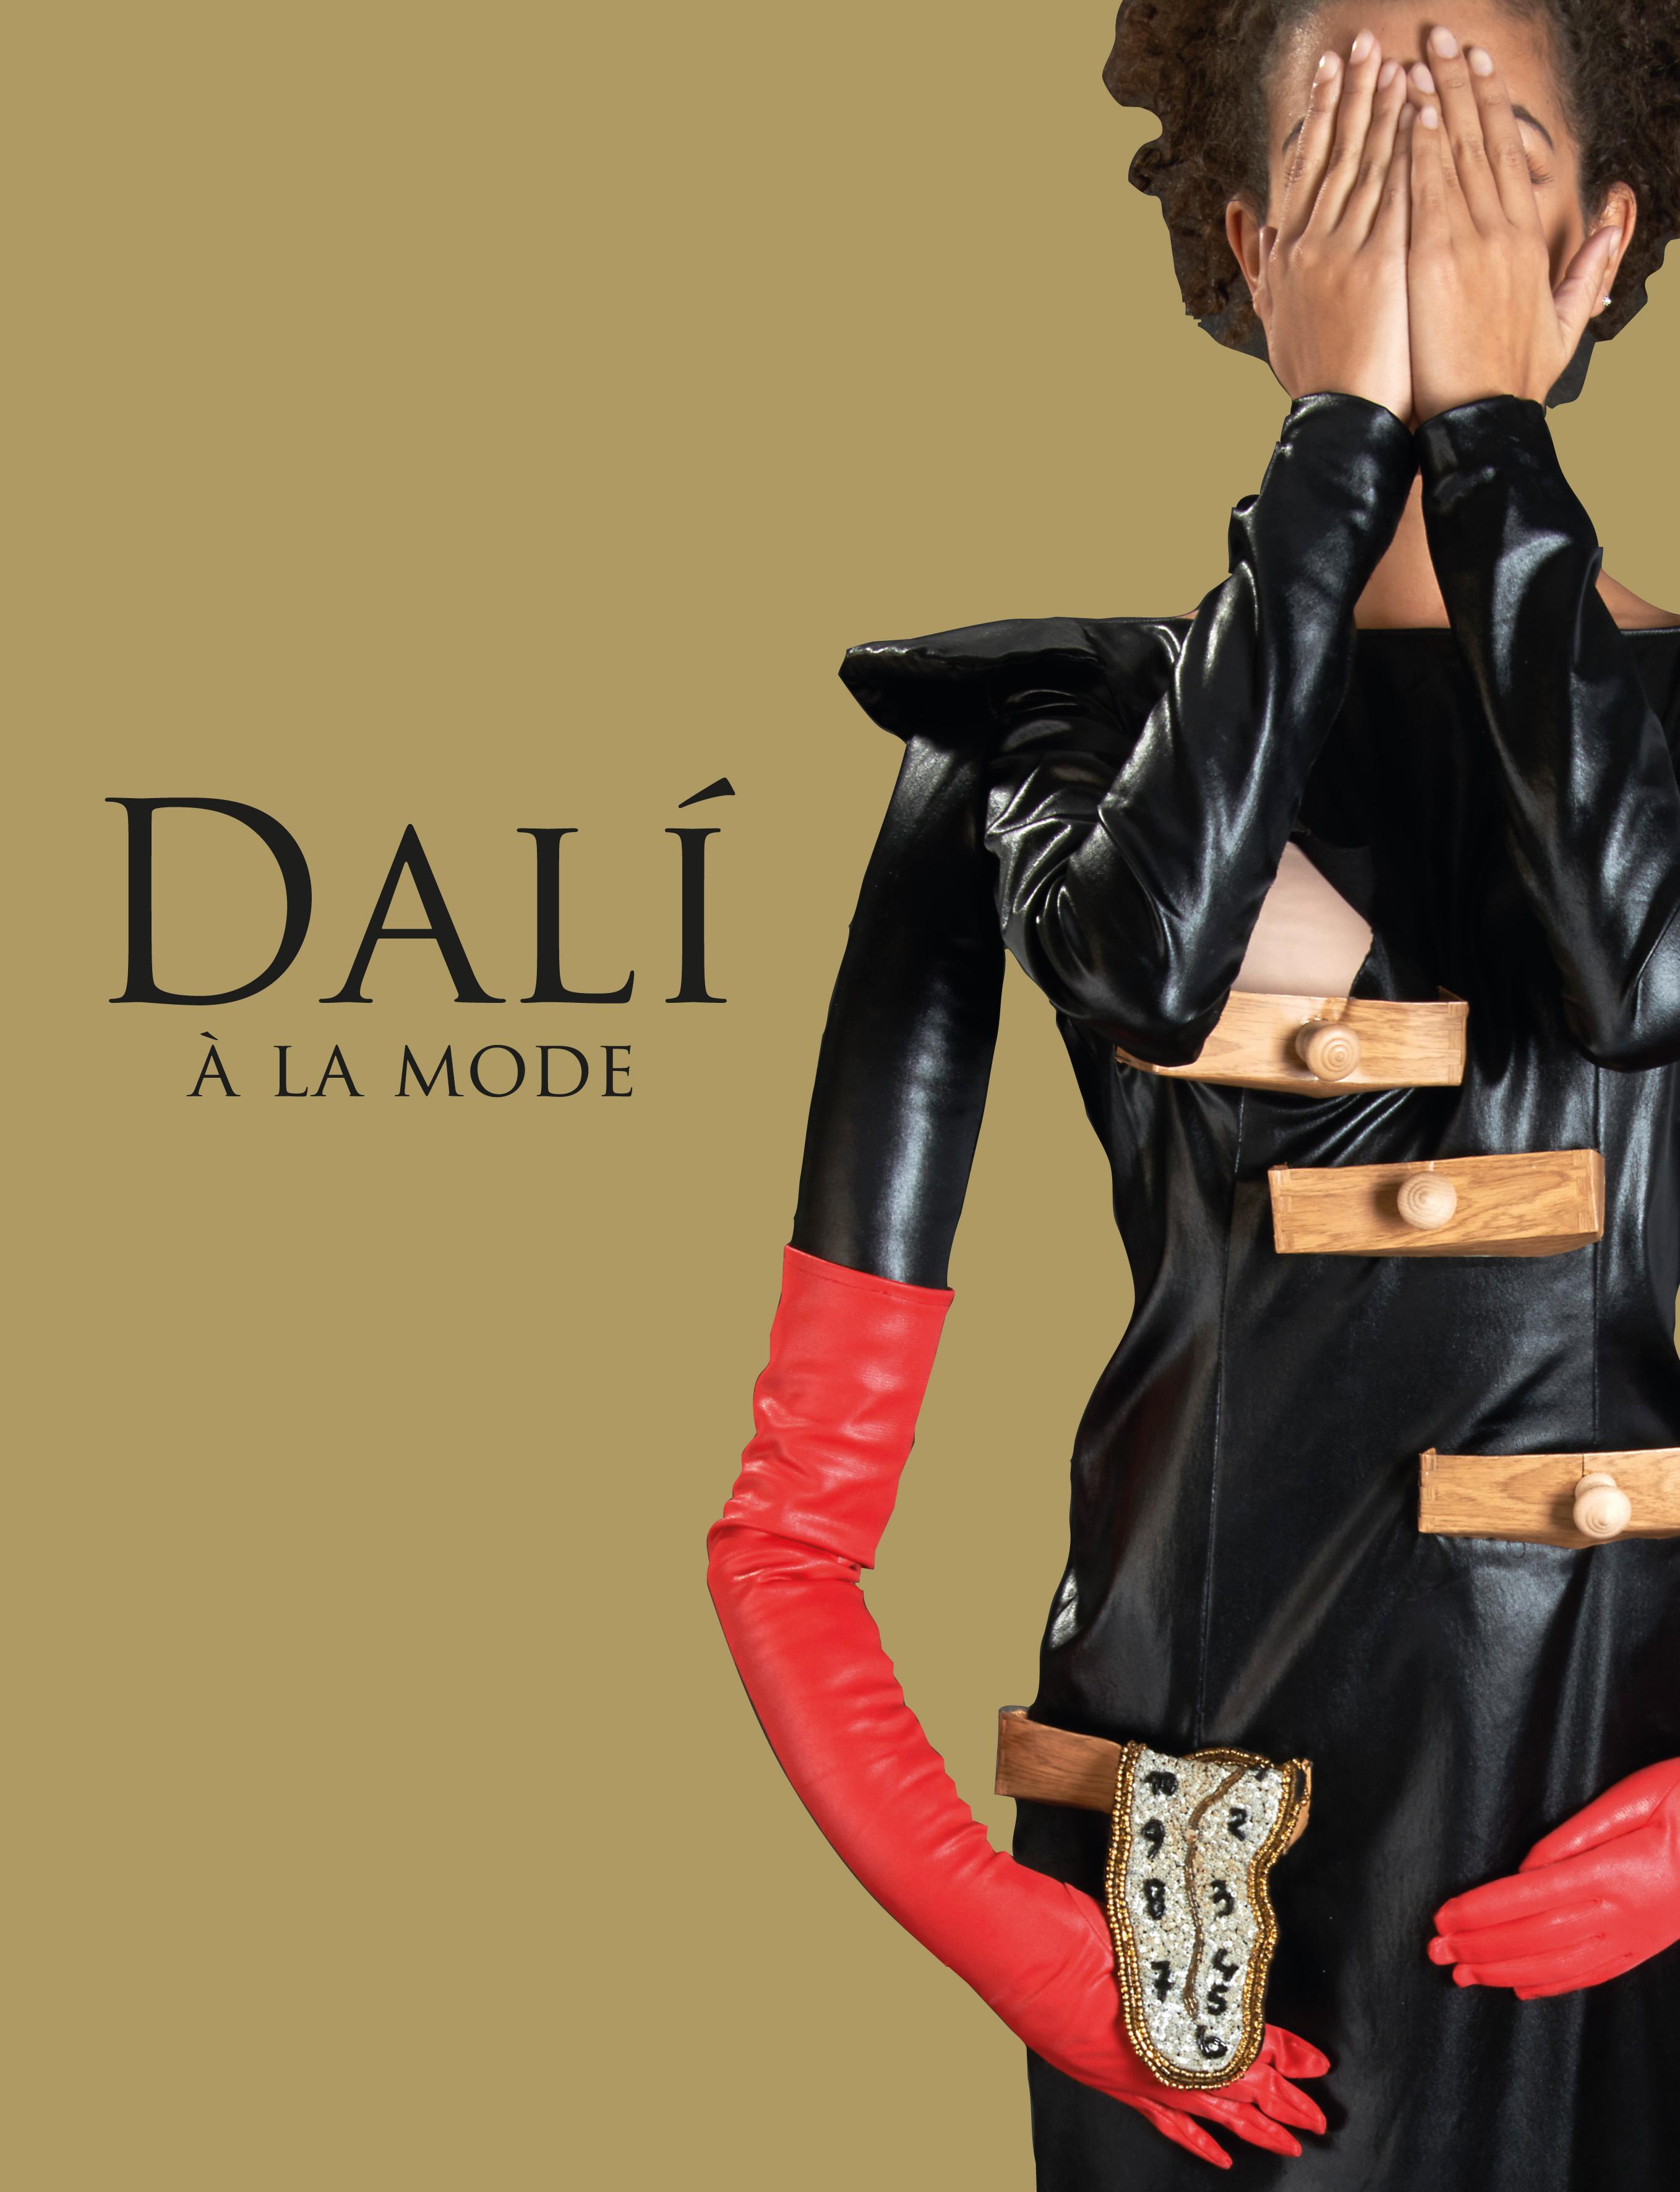 Dalí A La Mode